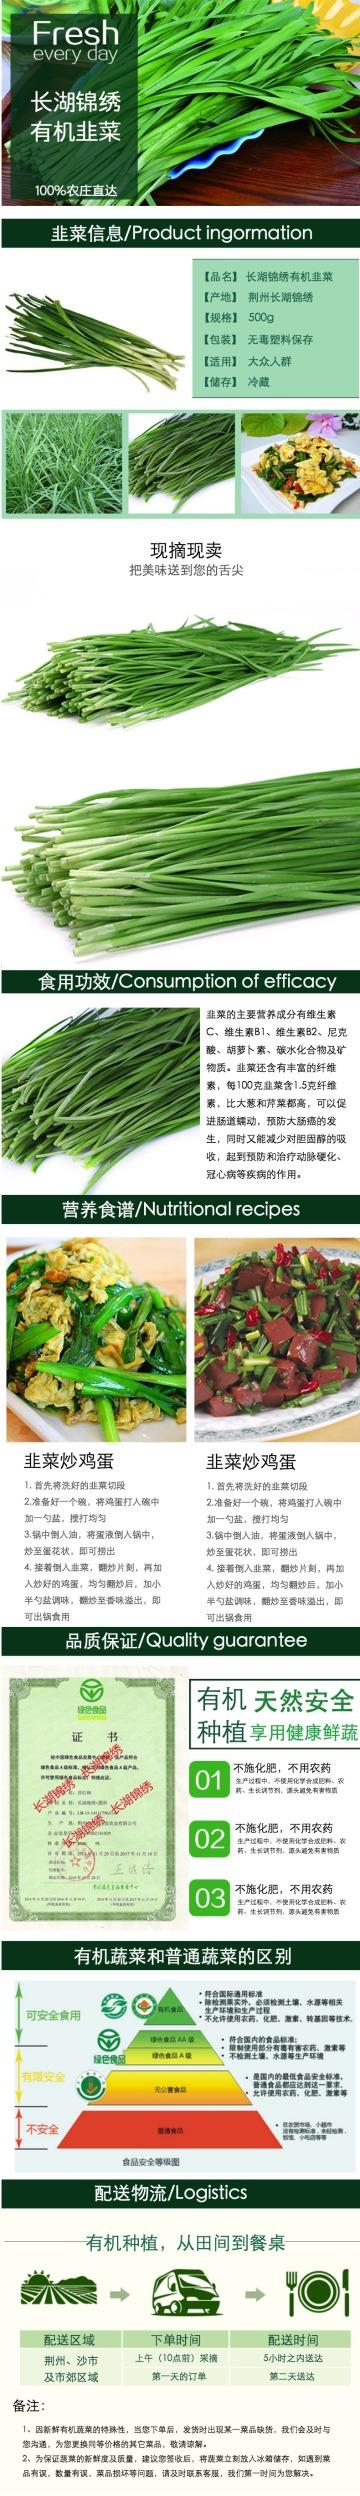 绿色清新生鲜果蔬韭菜电商宣传营销宝贝详情